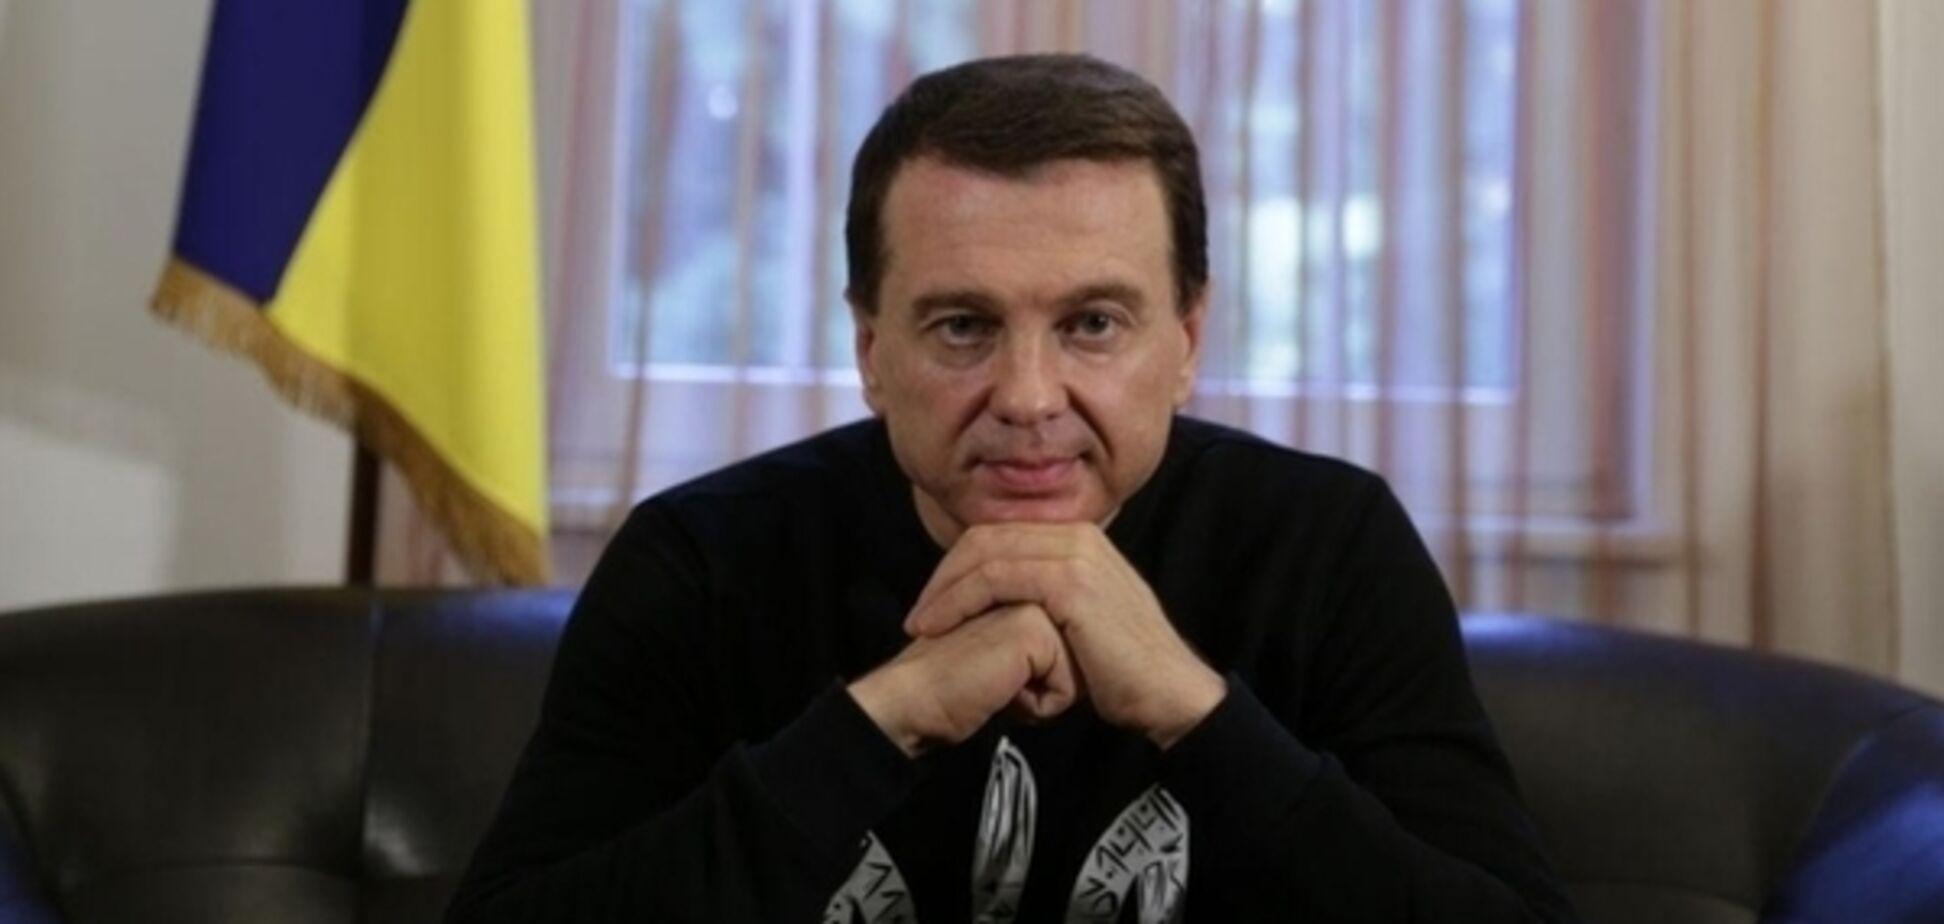 ''Піде у президенти'': розкриті плани затриманого екс-чоловіка Подкопаєвої